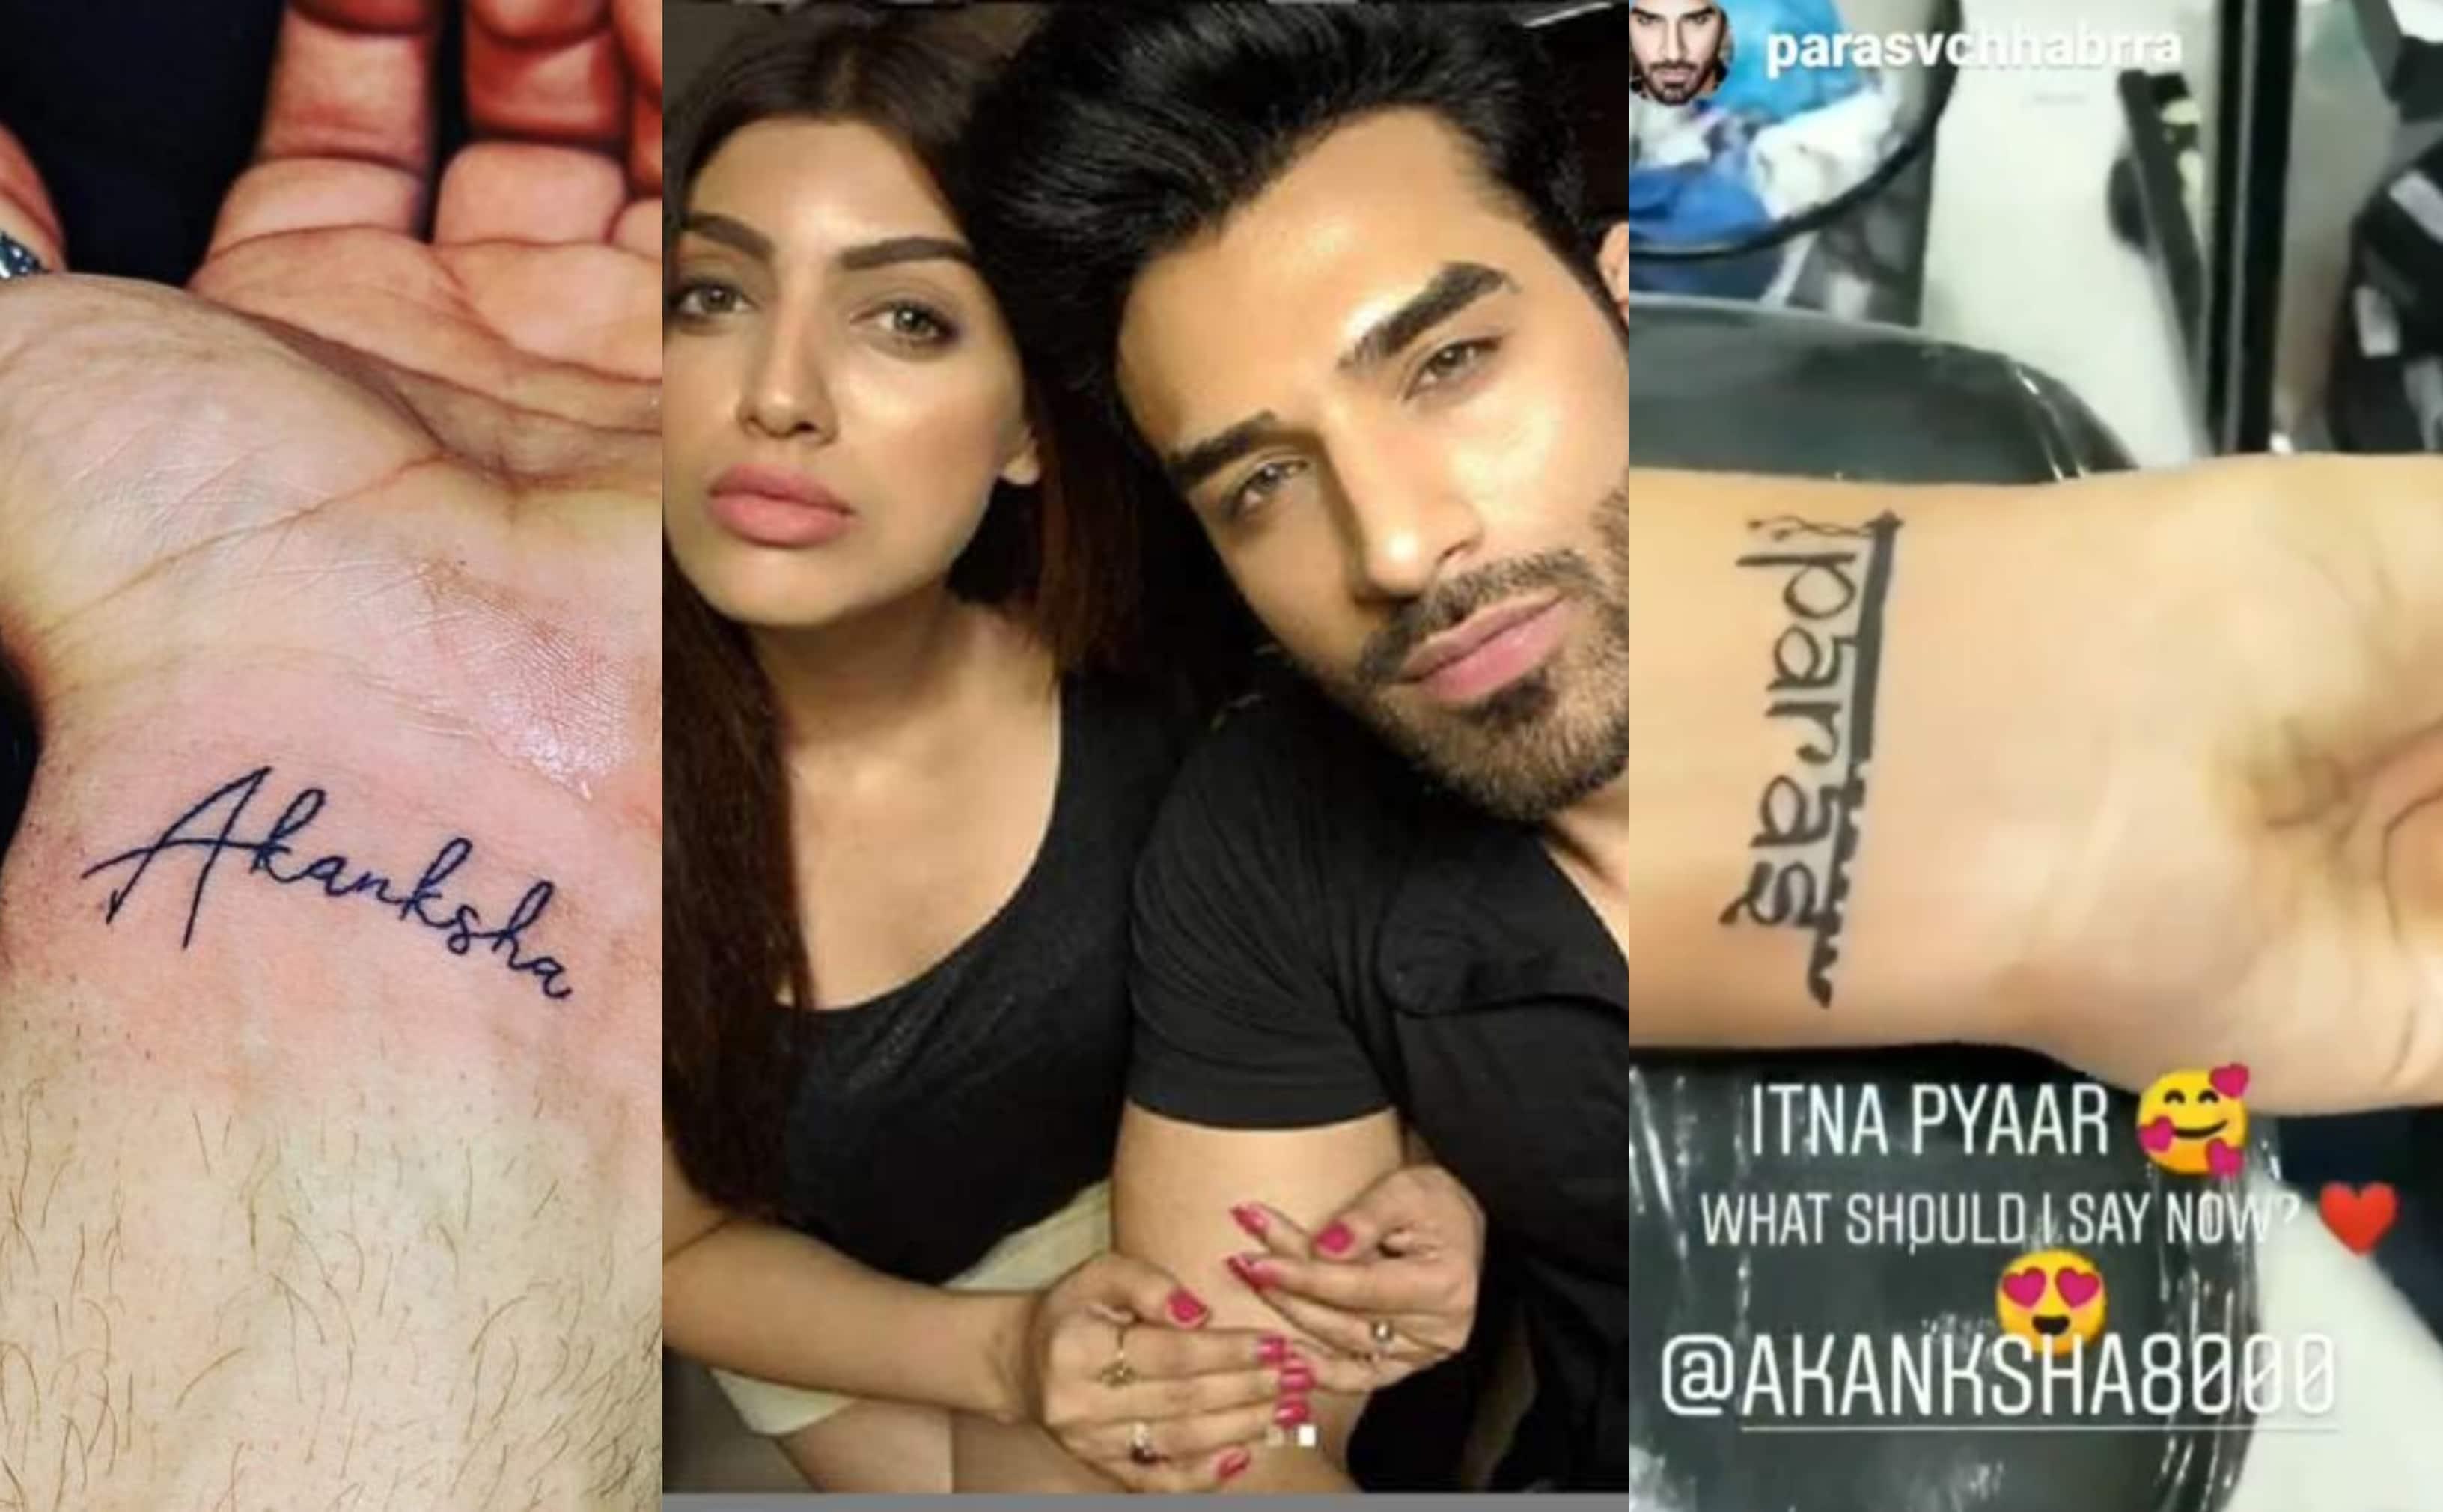 Akanksha Puri replaces tattoo of Paras' name